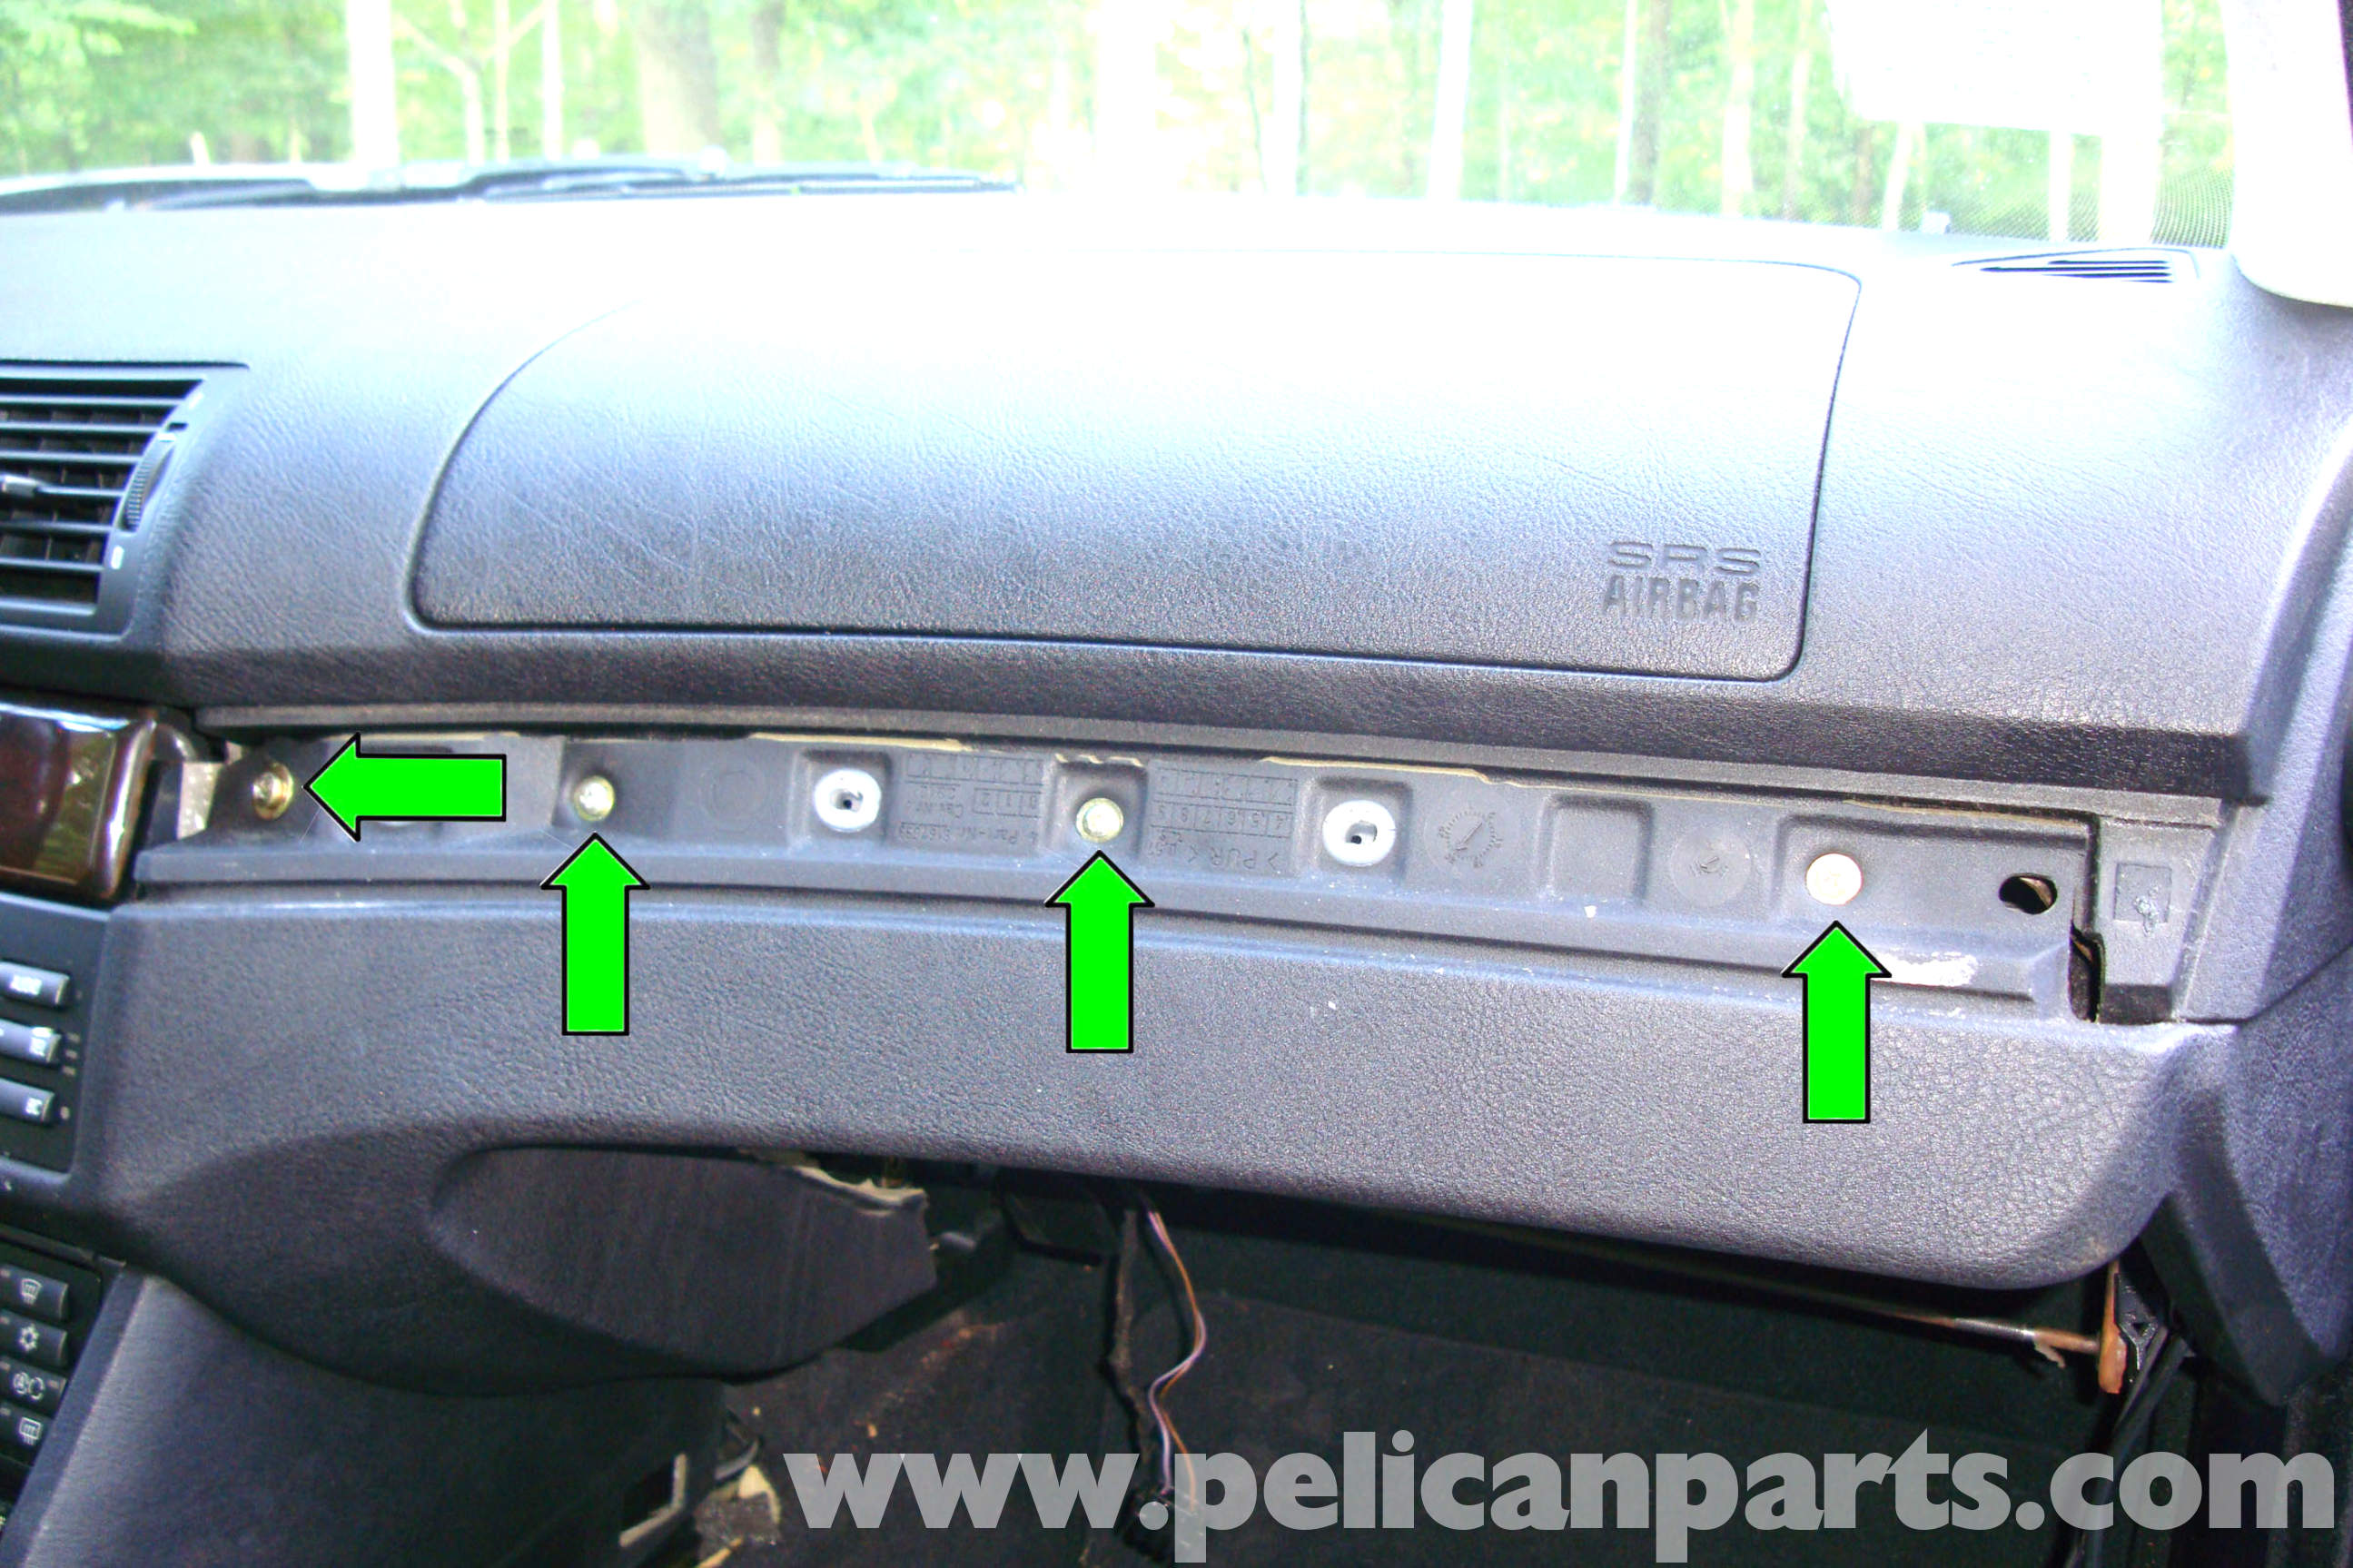 Bmw E39 Hidden Fuse Box Schematic Diagrams F10 5 Series Center Dash Panel Removal 1997 2003 525i 528i Diagram